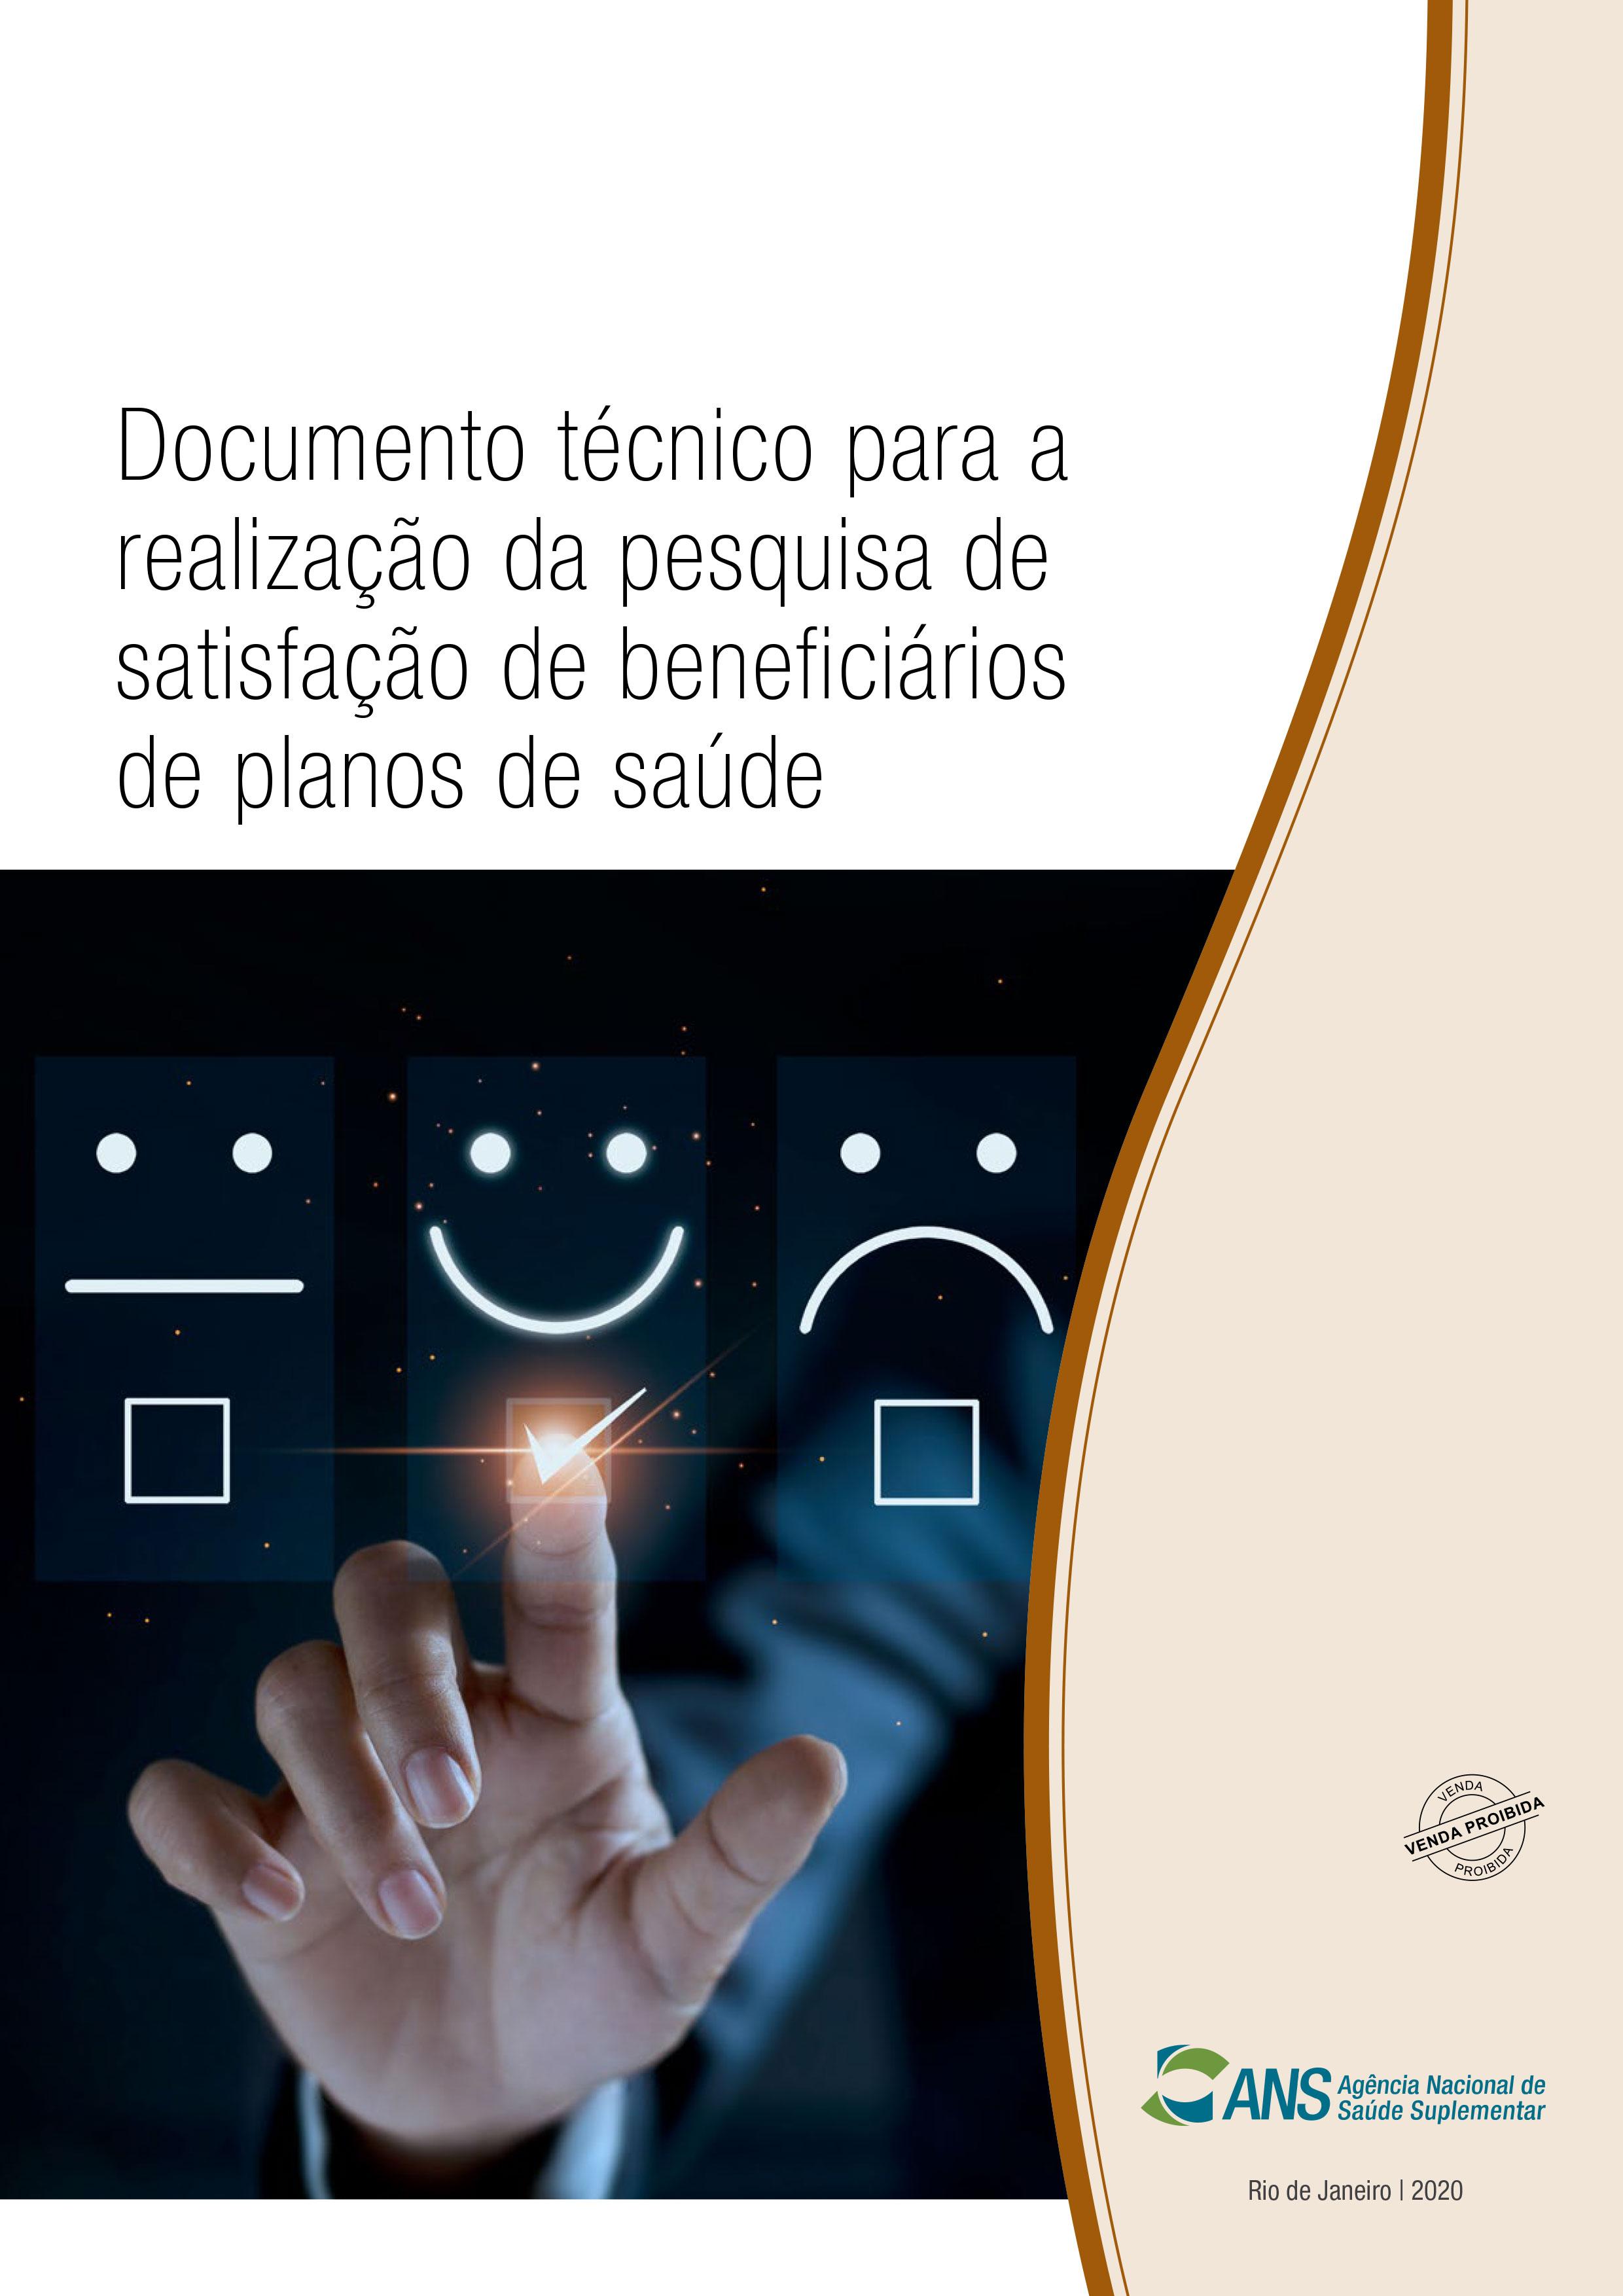 Imagem com link que mostra a capa do documento técnico para realização da pesquisa de satisfação de beneficiários de planos de saúde.